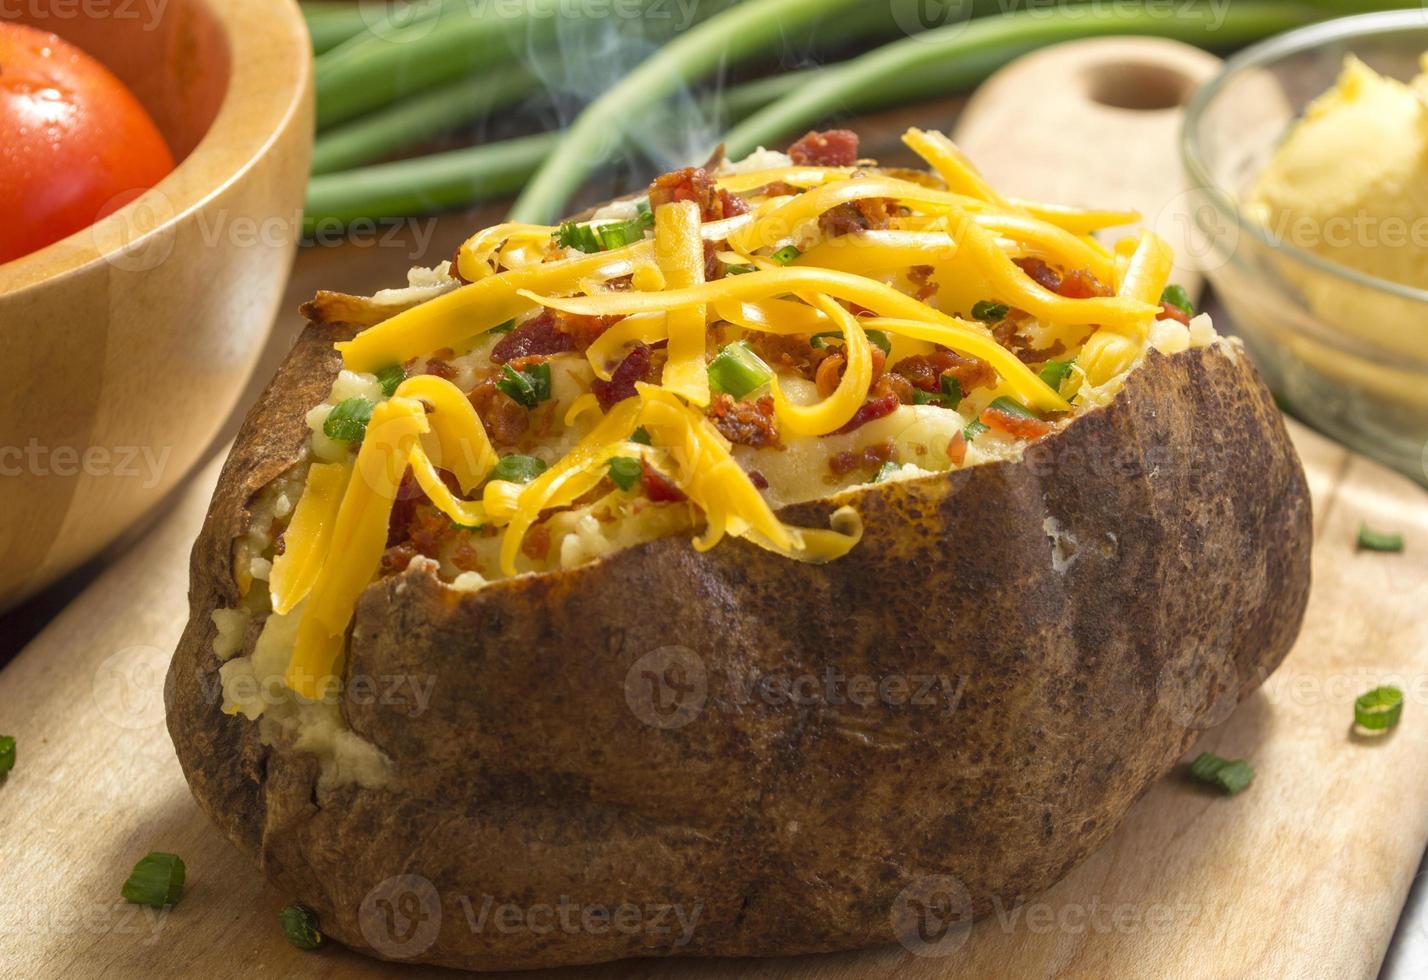 batata cozida quente fresca foto